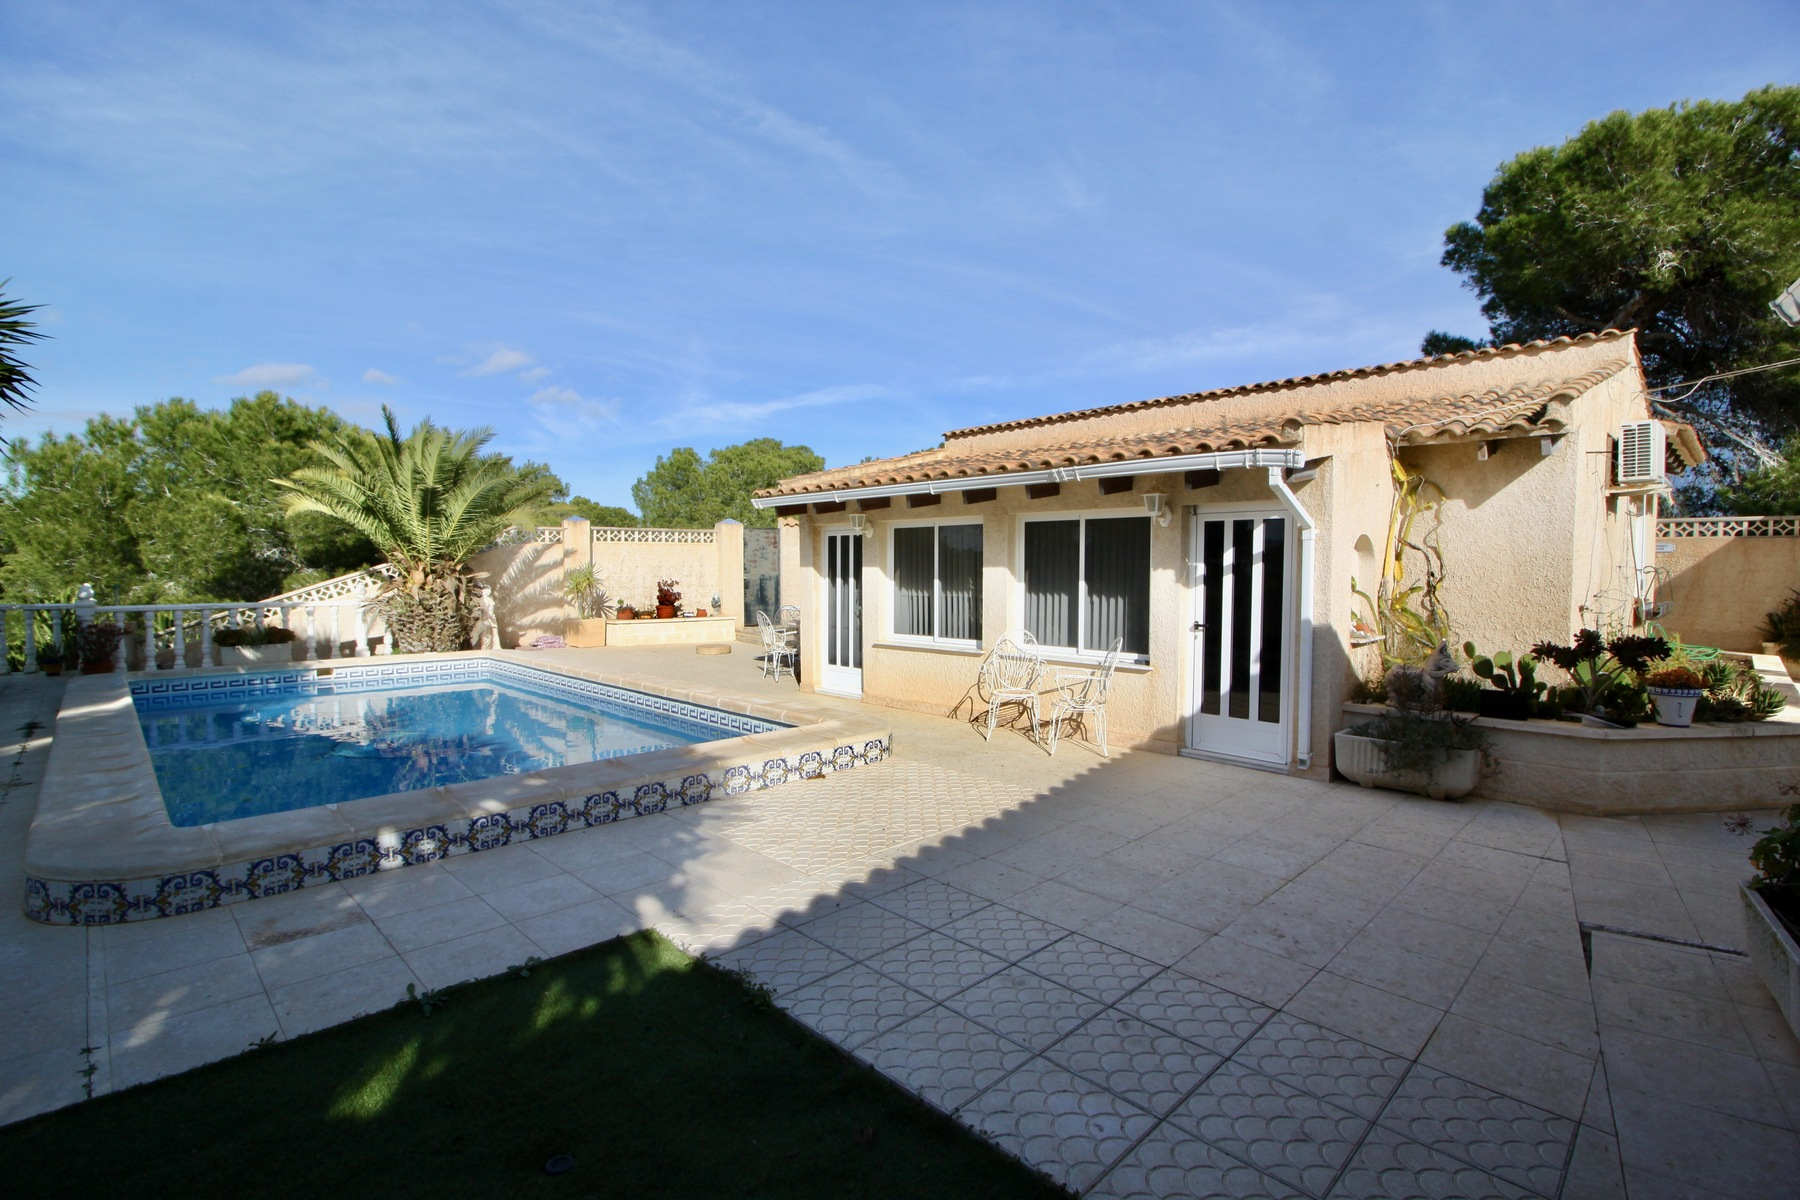 5 bedroom finca for sale in Pinar De Campoverde, Costa Blanca